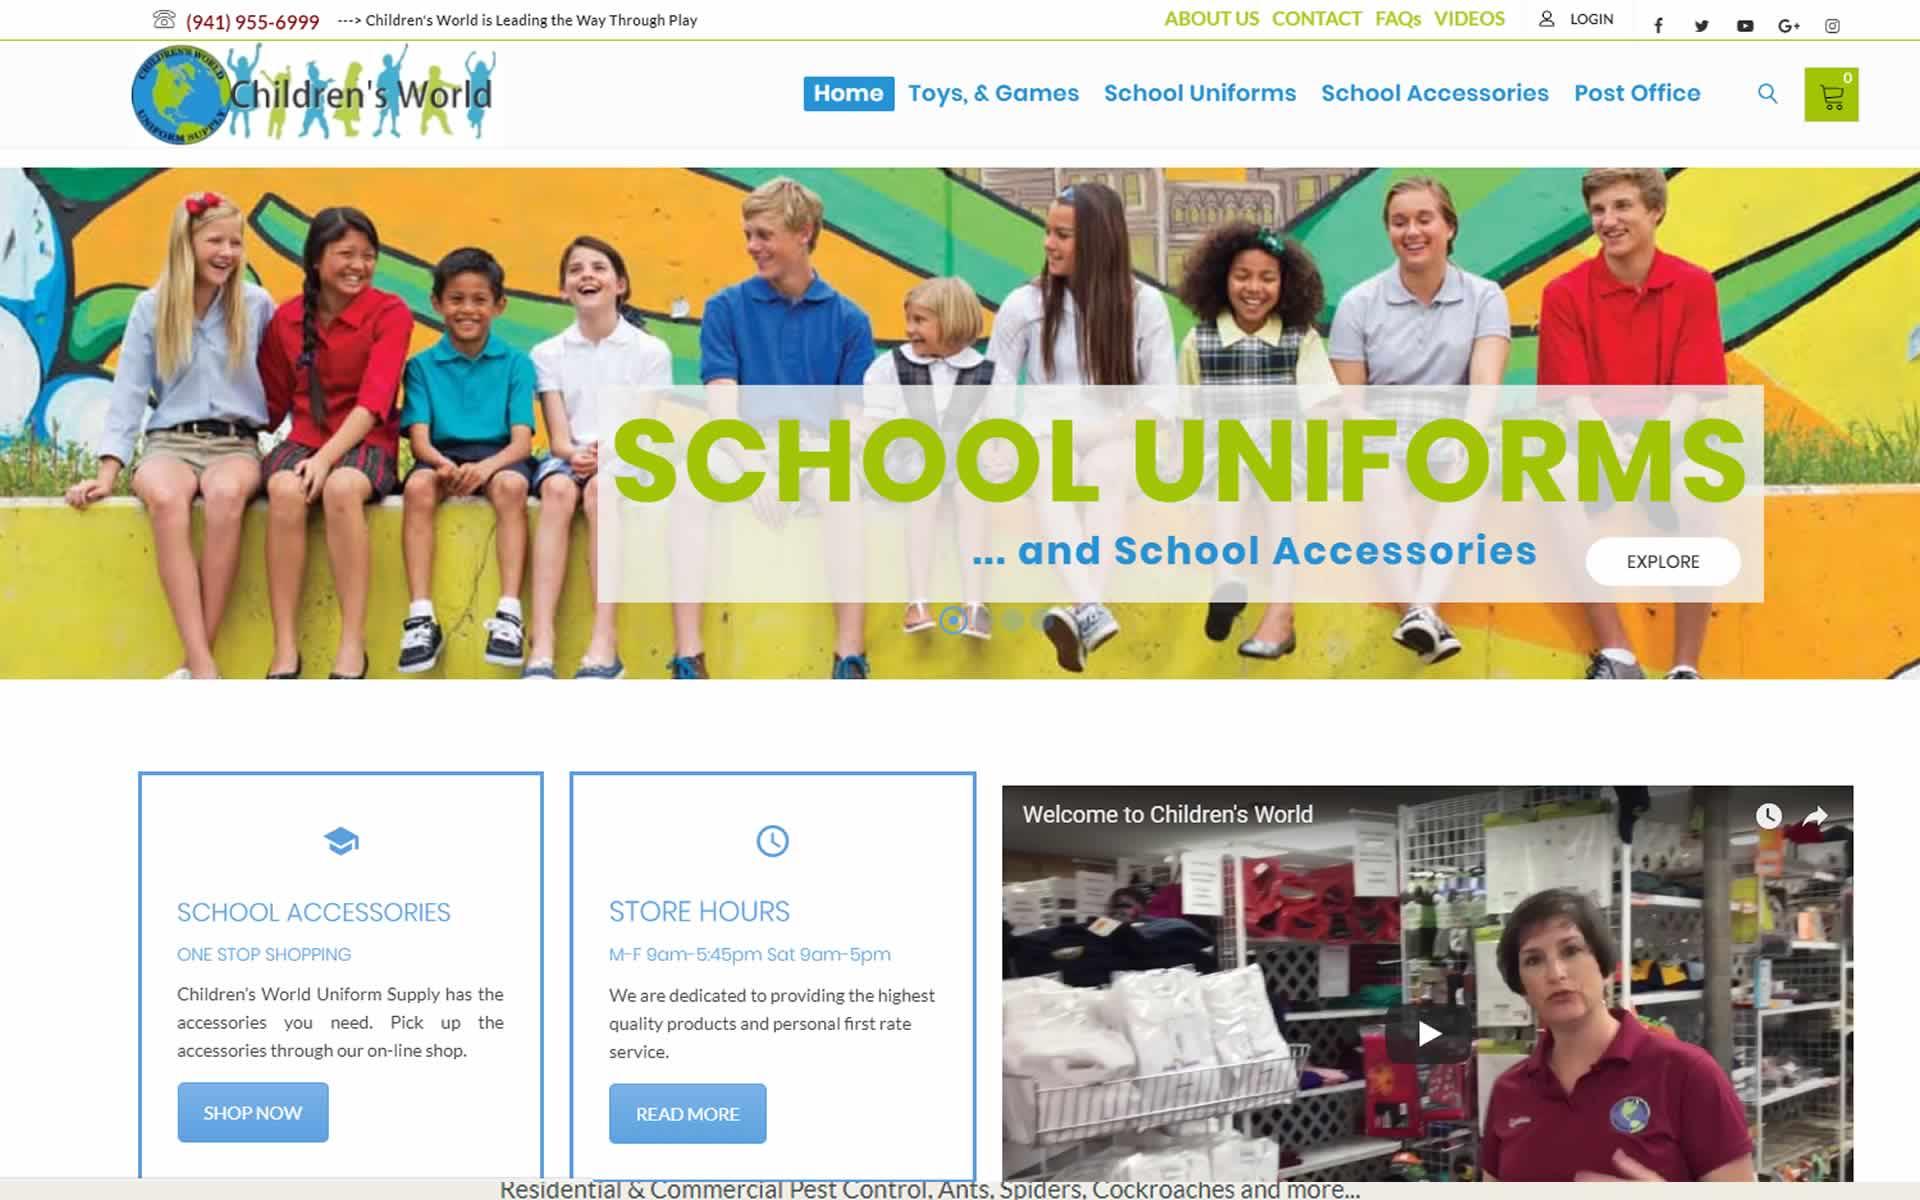 Children's World Uniform Supply